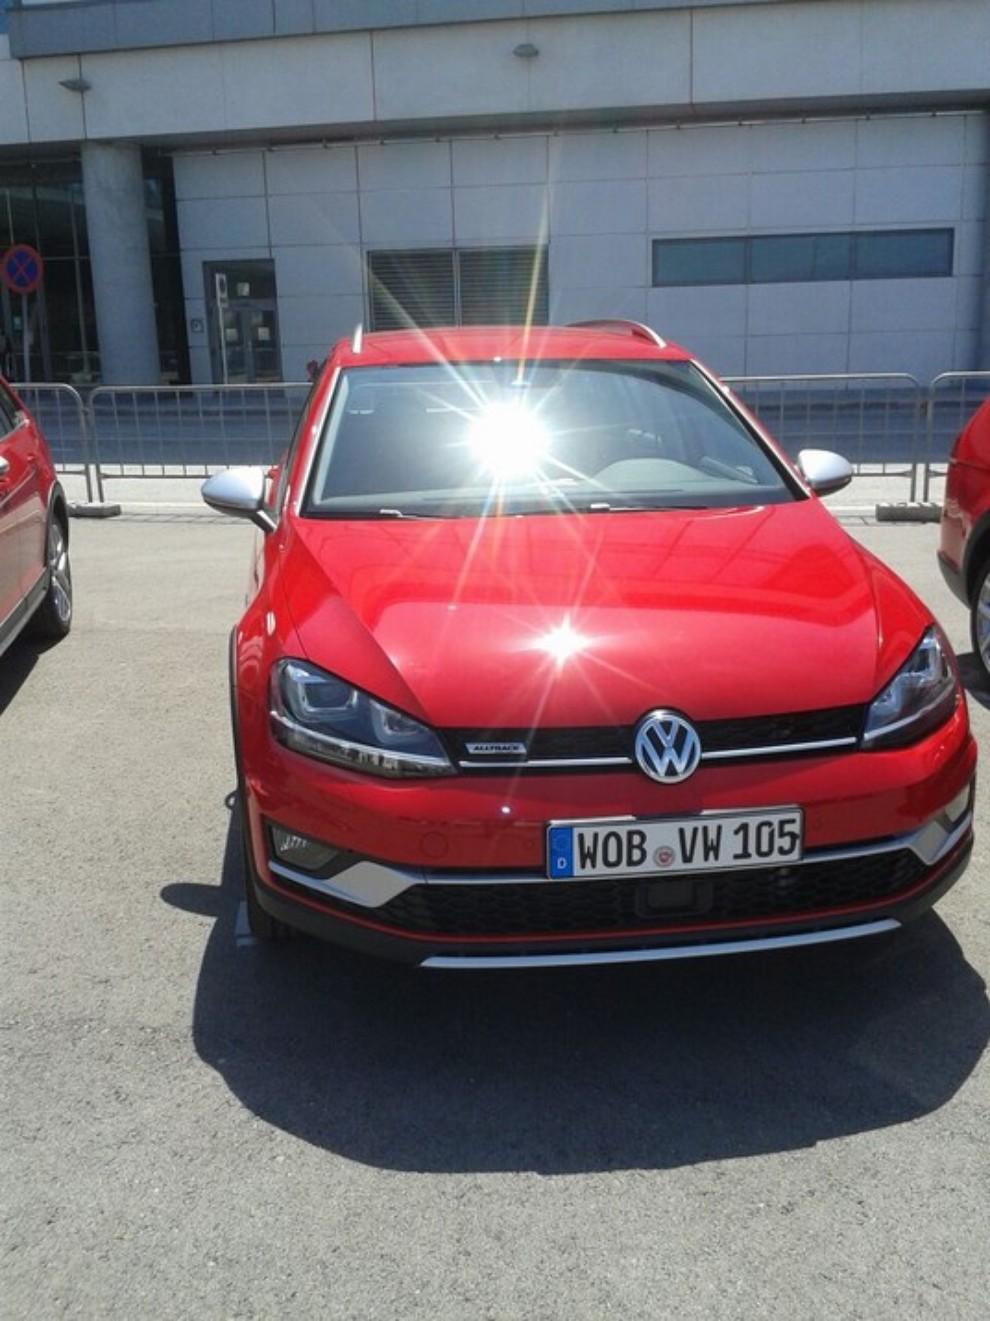 Volkswagen Golf Alltrack prova su strada, prestazioni e prezzi - Foto 9 di 13